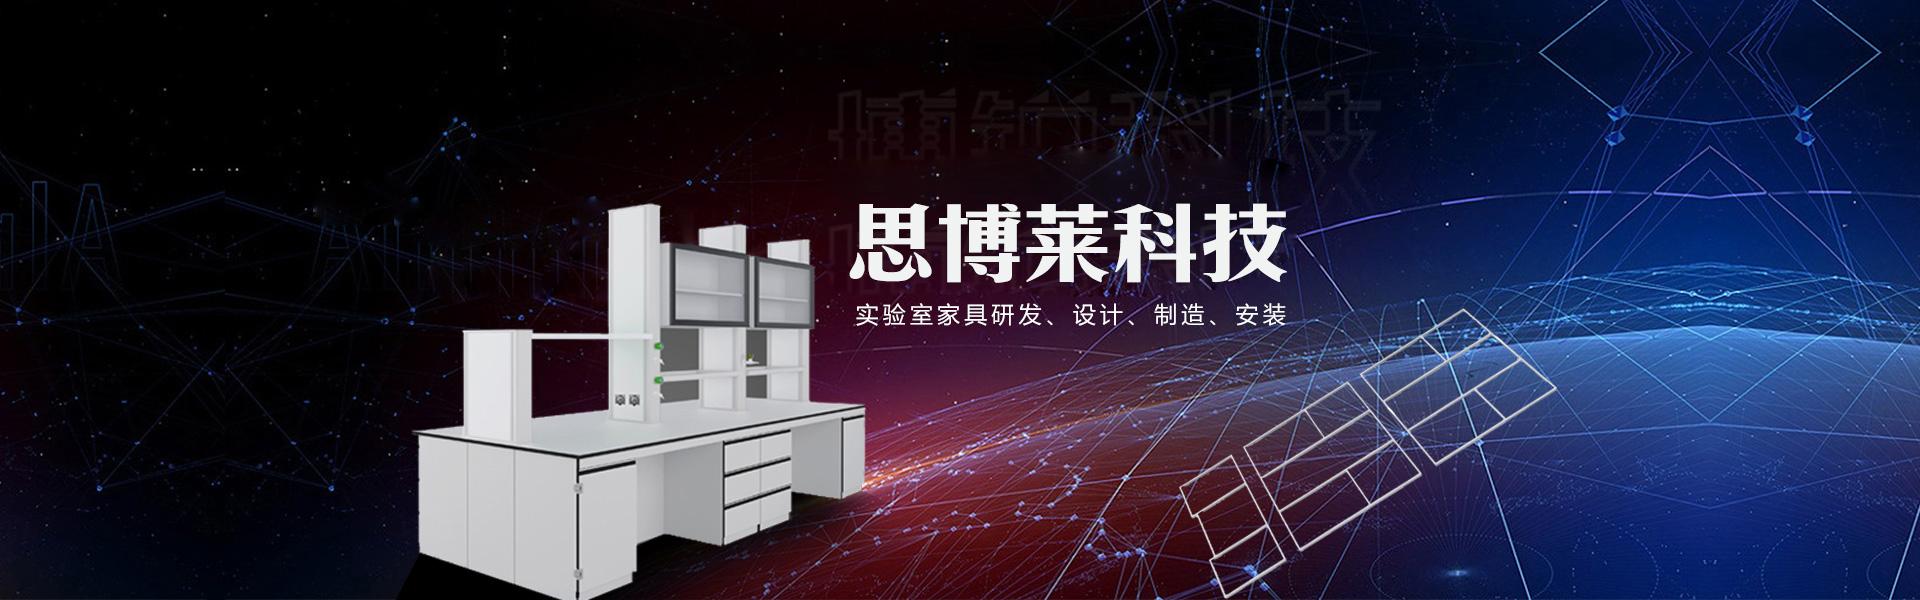 贵州TMOON万博manbetx官网电脑版高端品牌